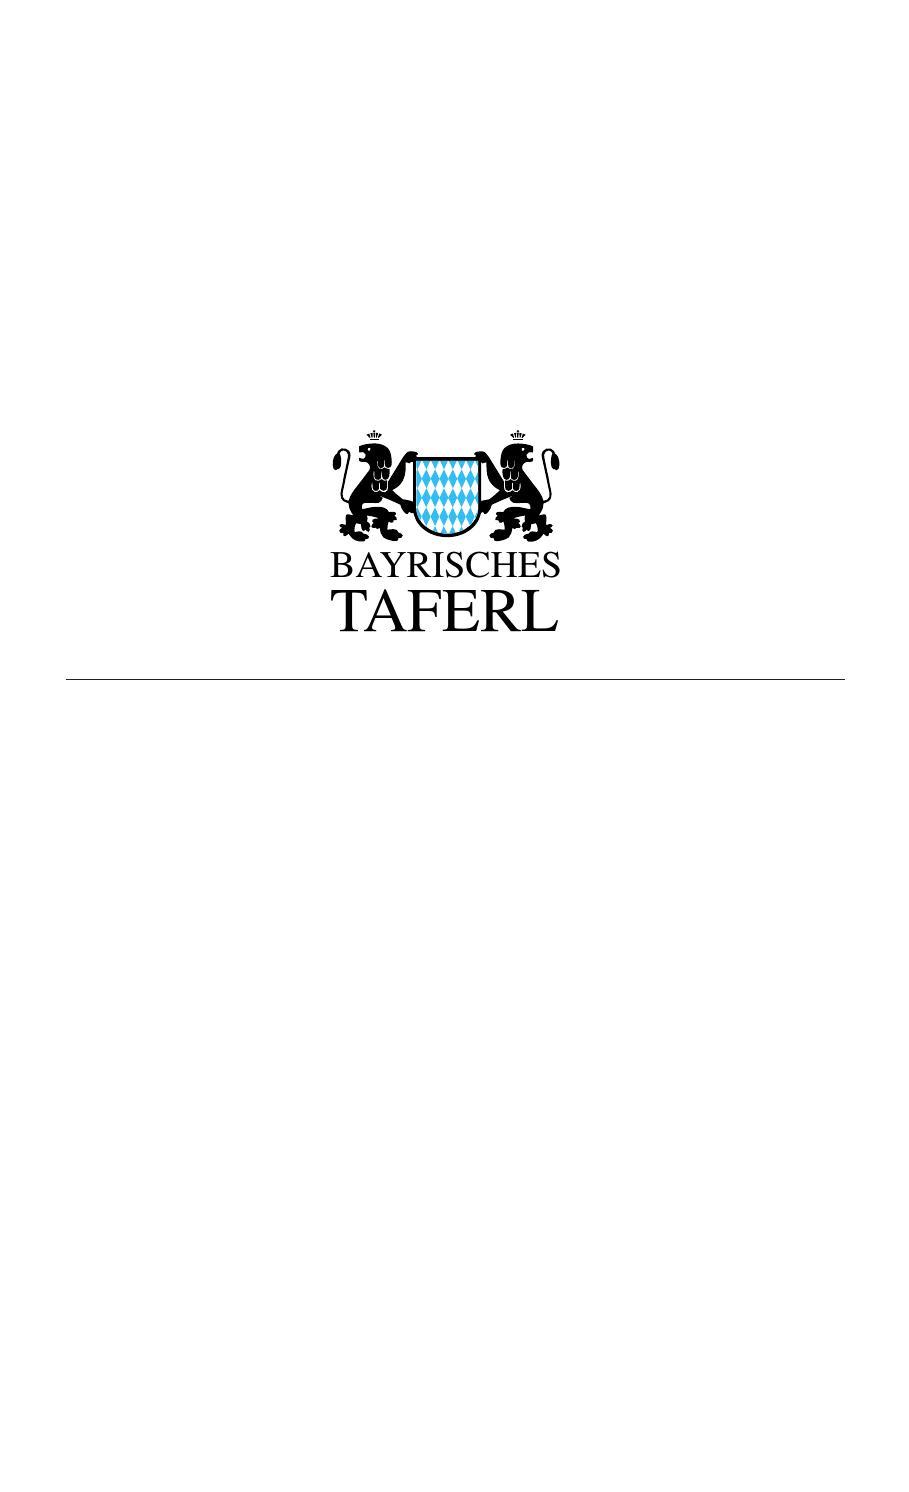 Ausgabe 42 2014 bayrisches taferl by Bayrisches Taferl issuu